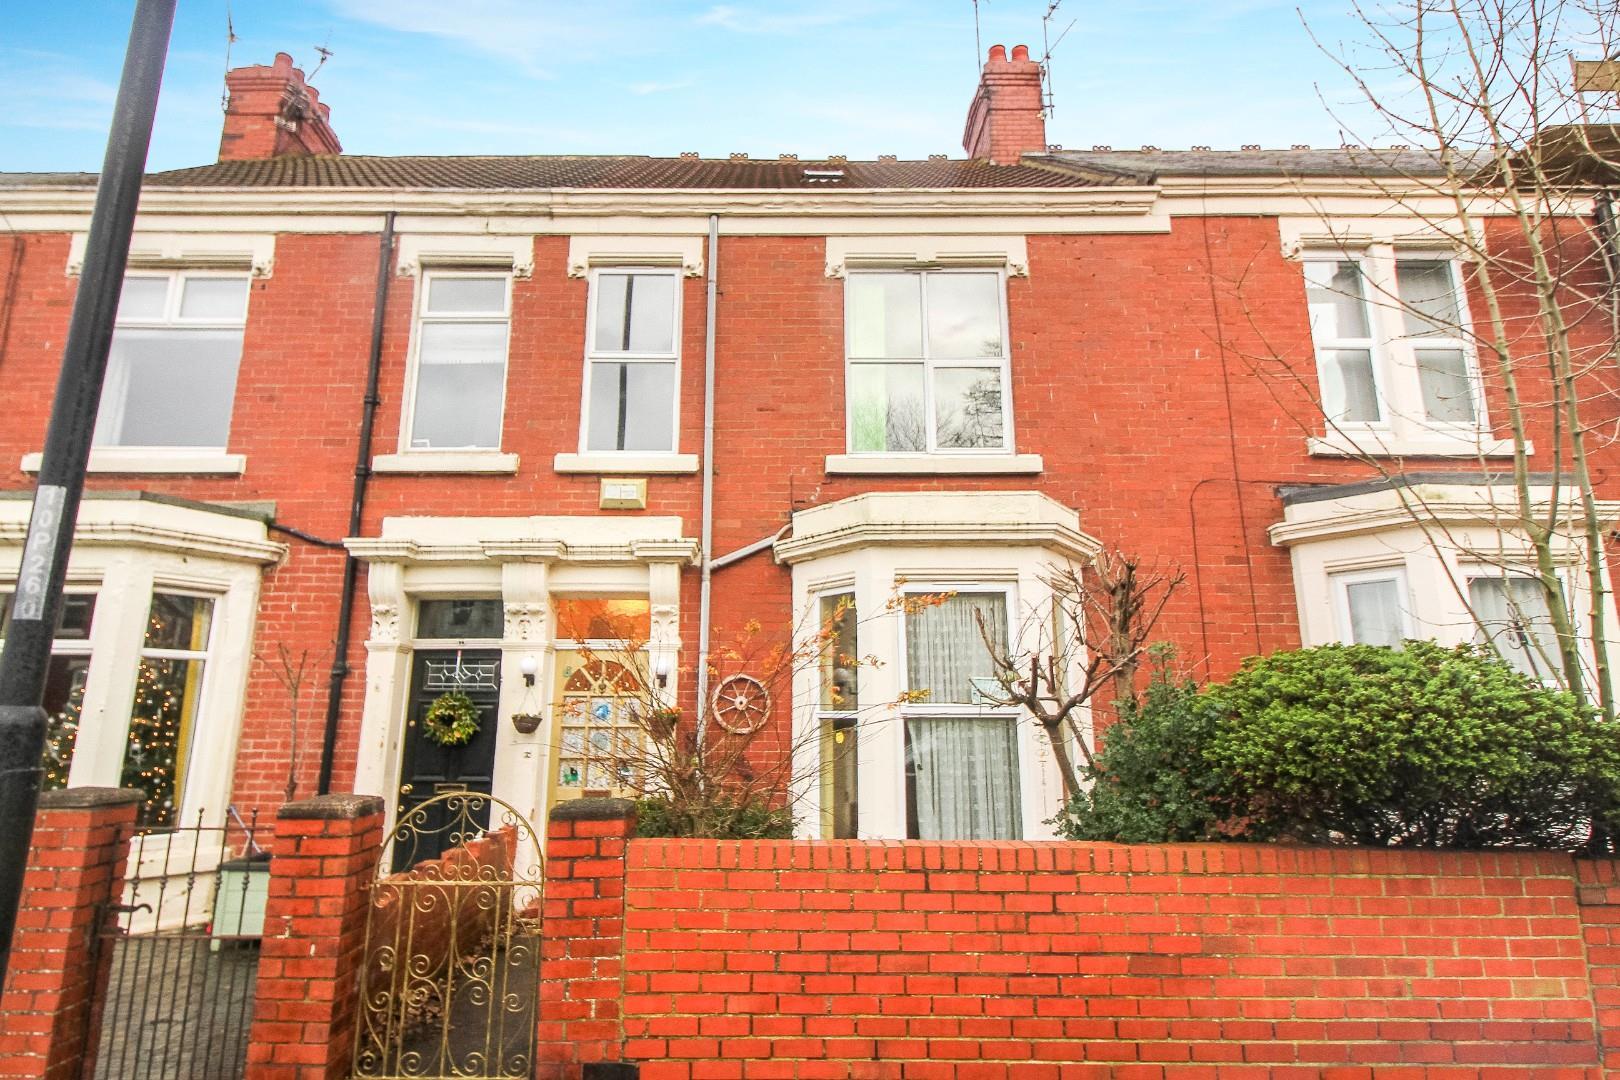 6 House - Terraced